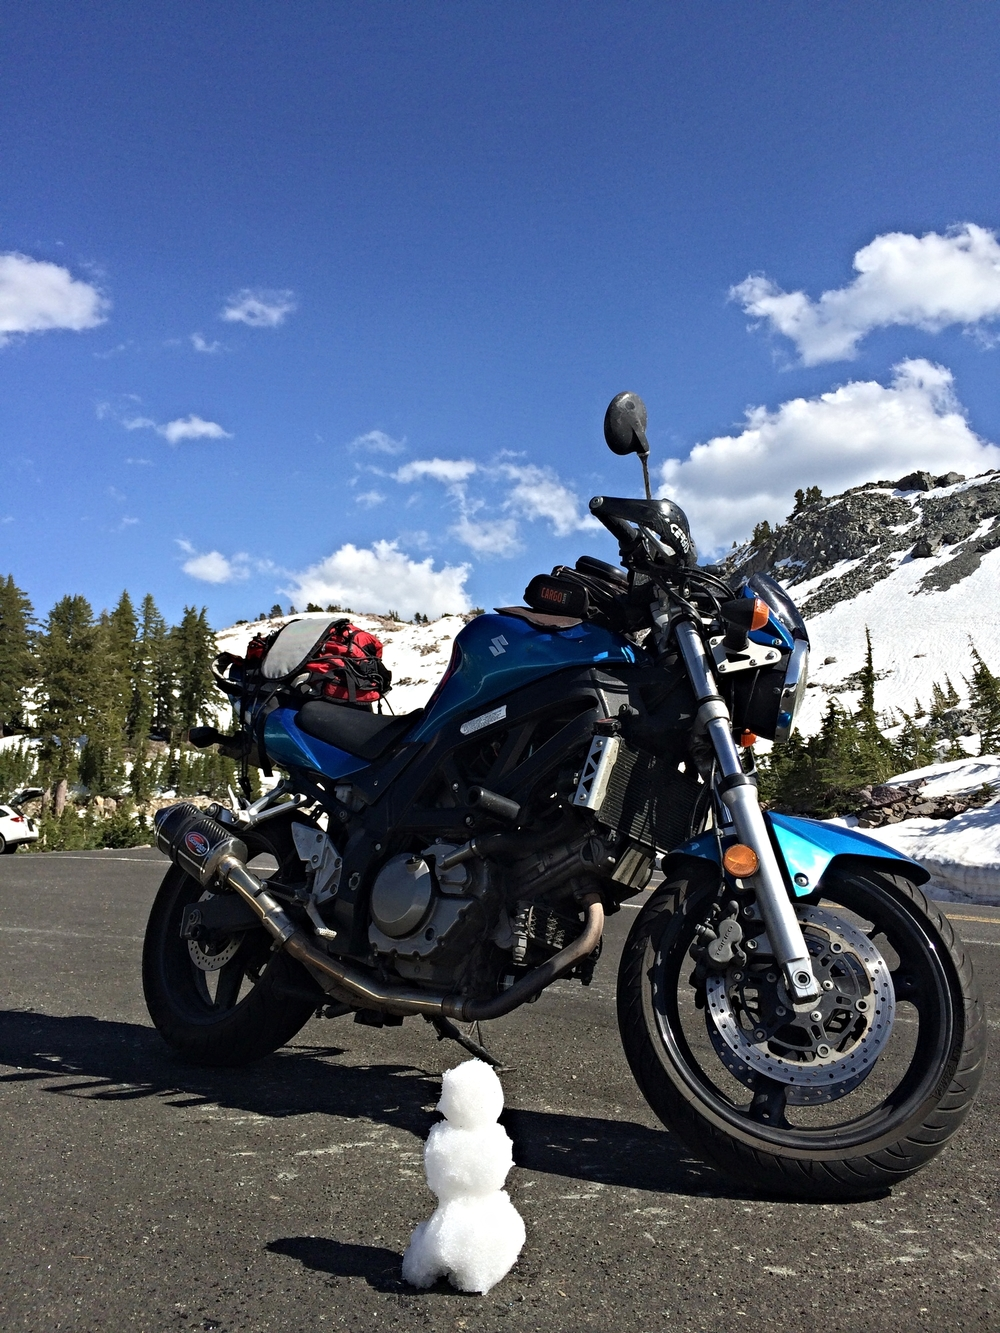 Favorite photo of my bike yet.